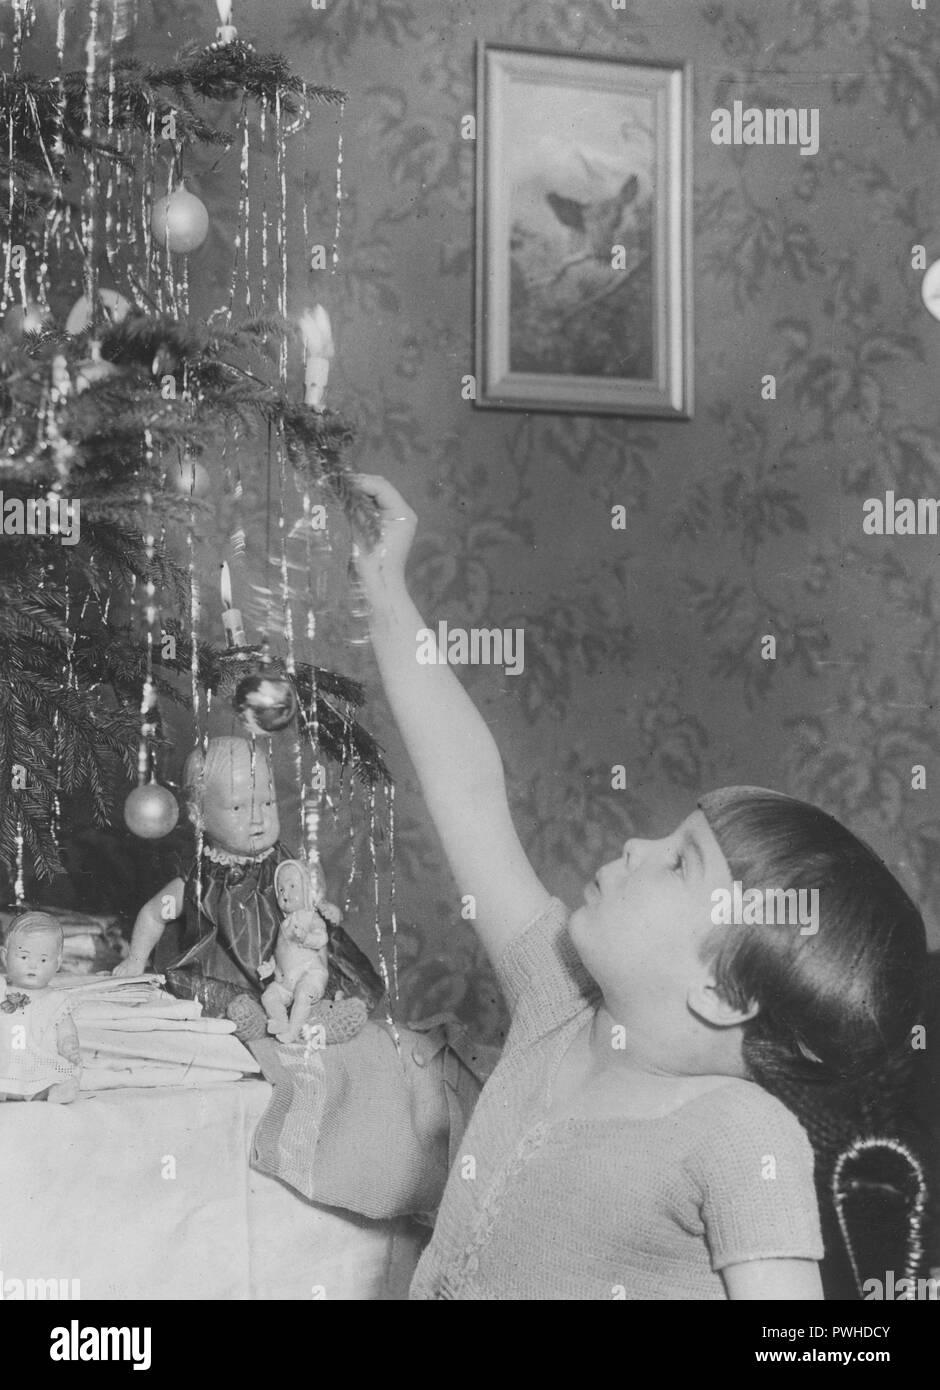 Weihnachten in den 1920er Jahren. Ein Mädchen schmücken den Weihnachtsbaum und eine Kerze im Baum. Schweden 1920 Stockbild